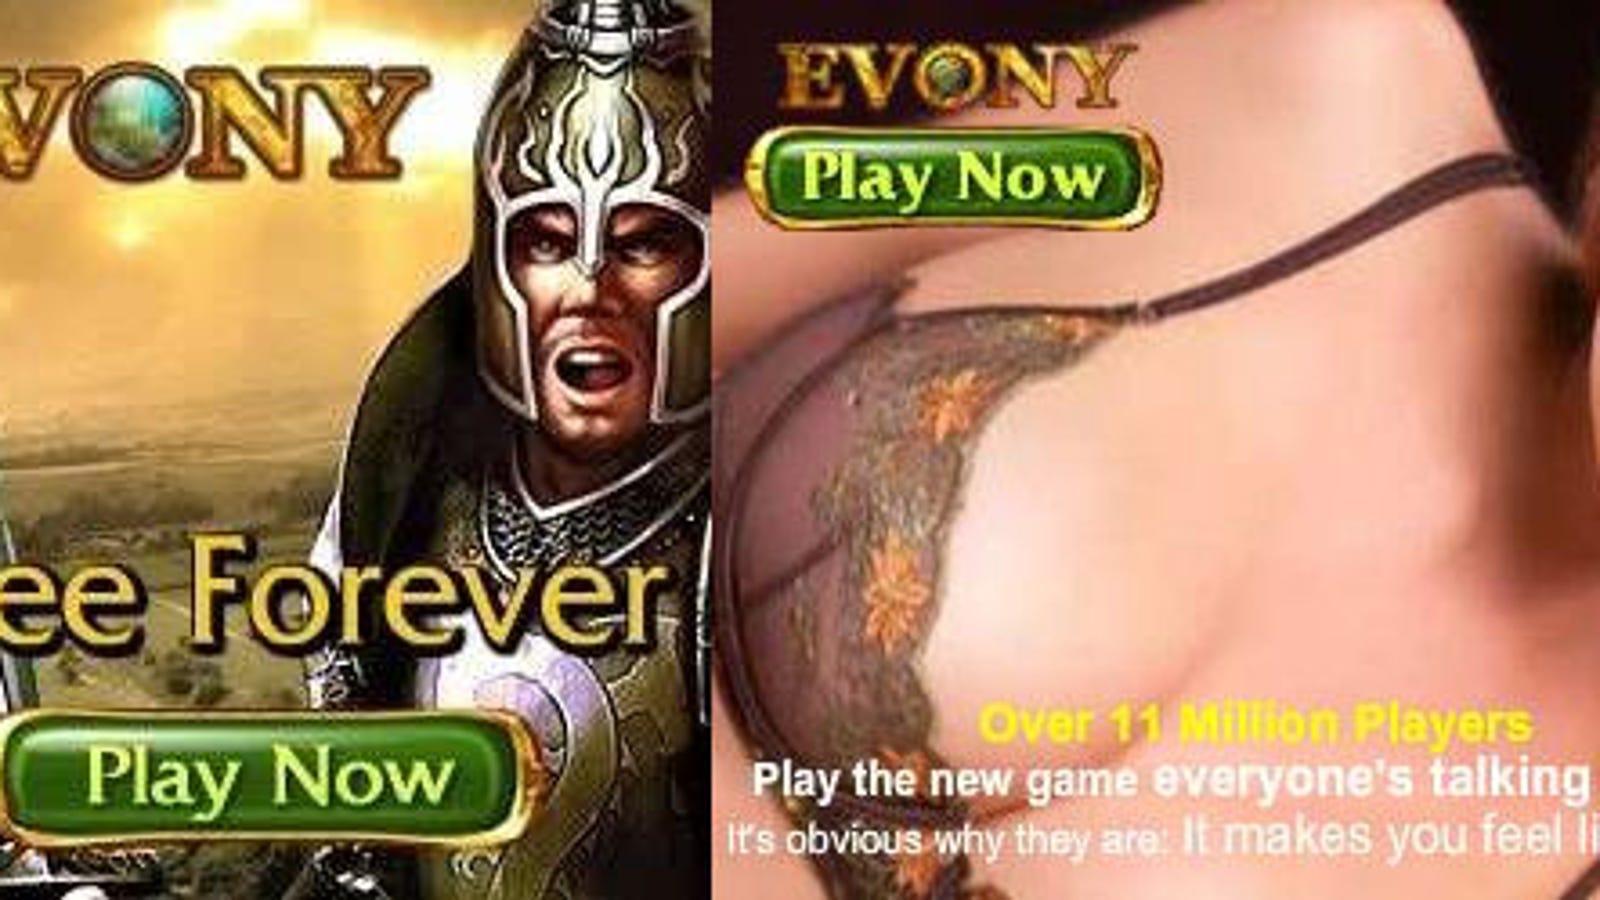 Evony porno